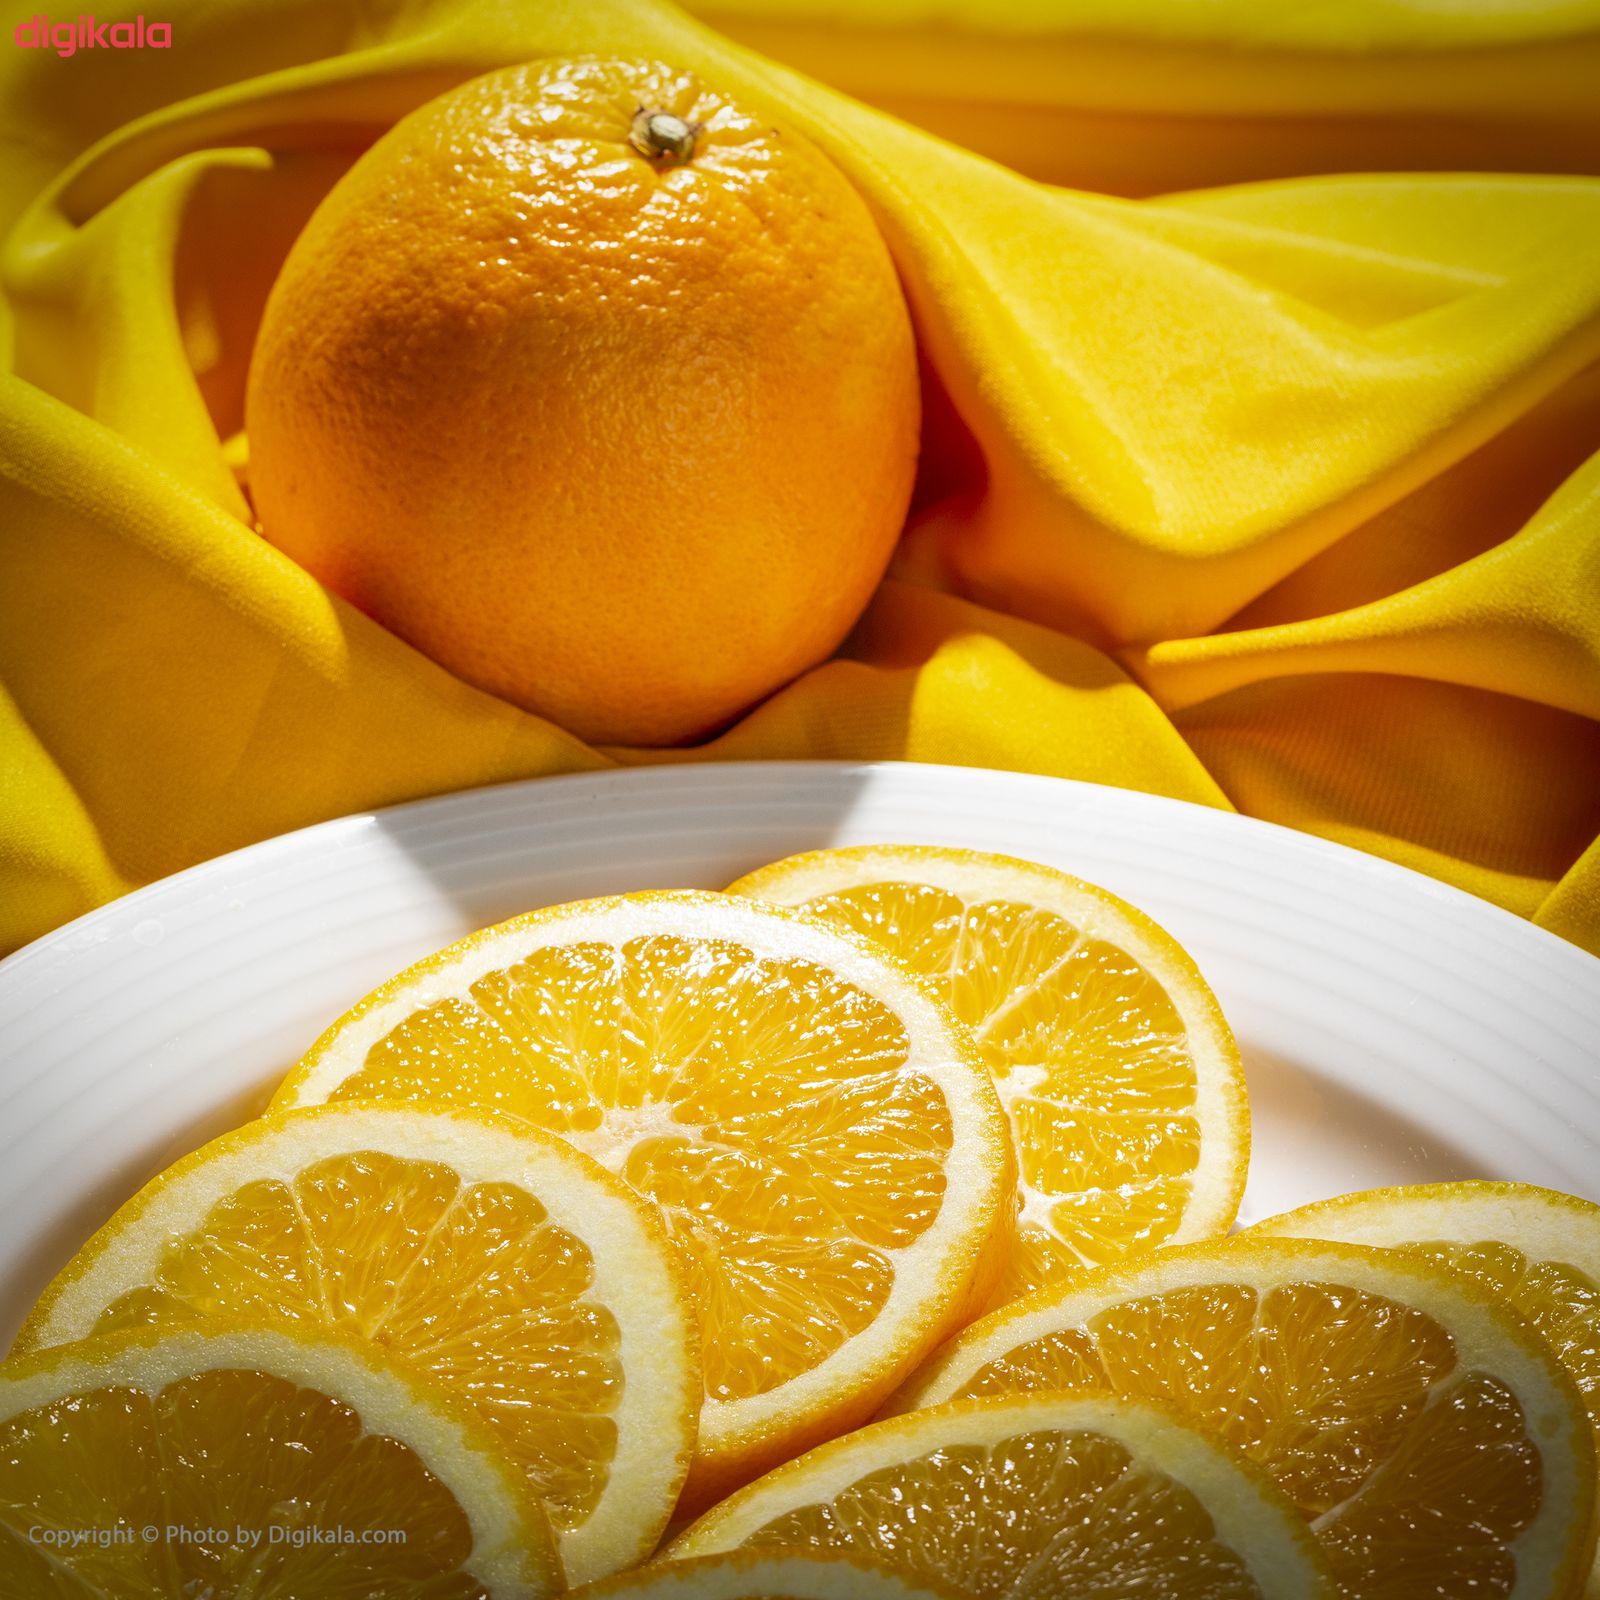 پرتقال میوری - 1 کیلوگرم main 1 1